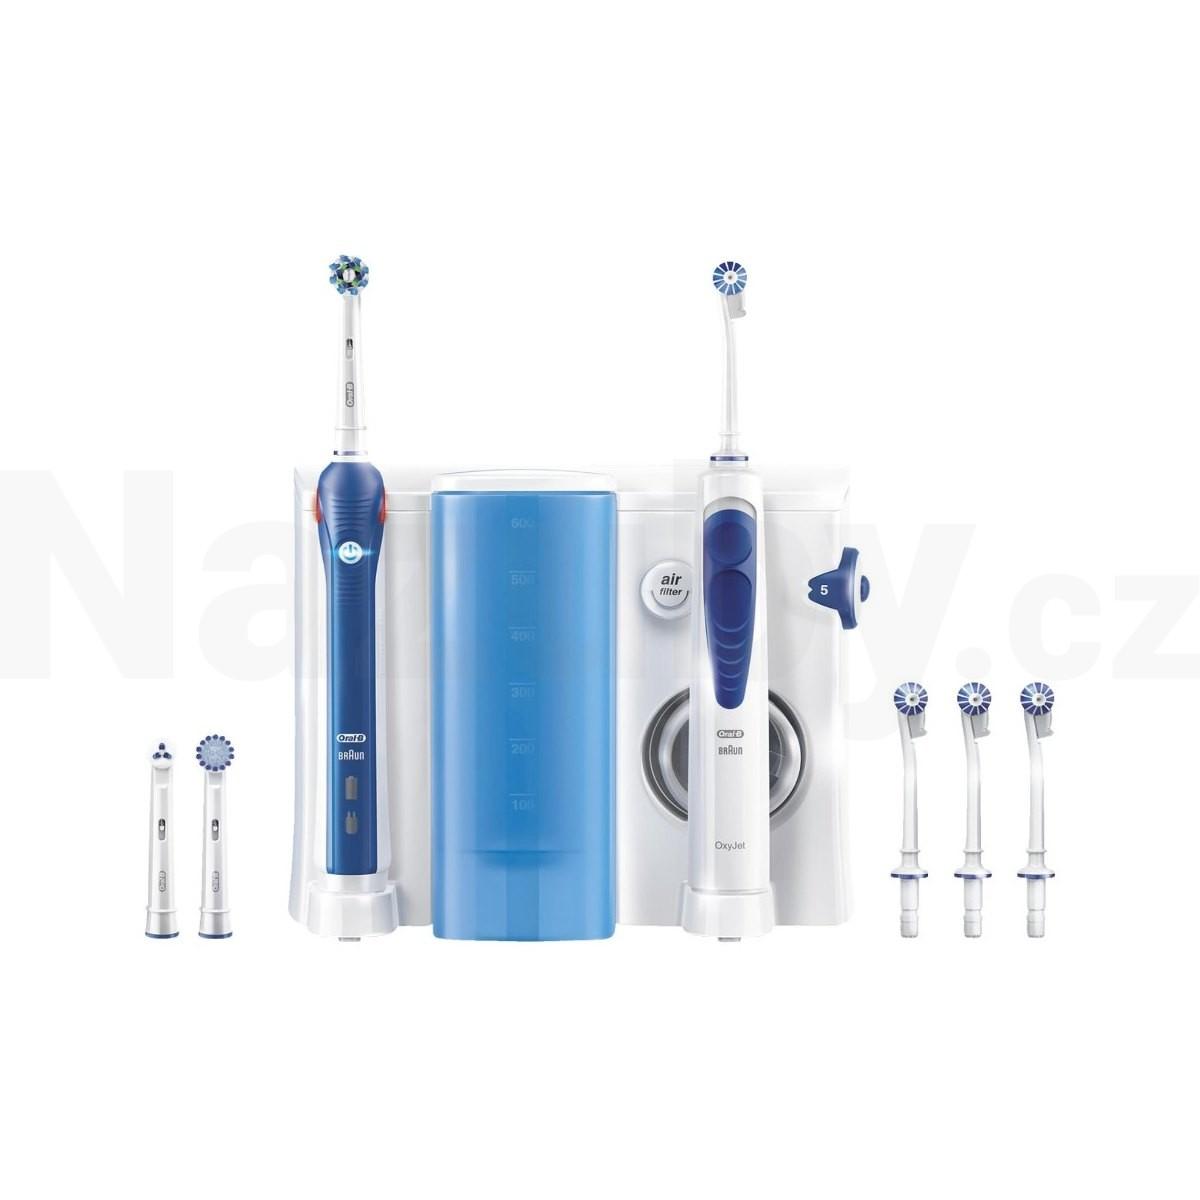 Oral-B Oxyjet + PRO 2000 - 100 dní záruka vrácení peněz